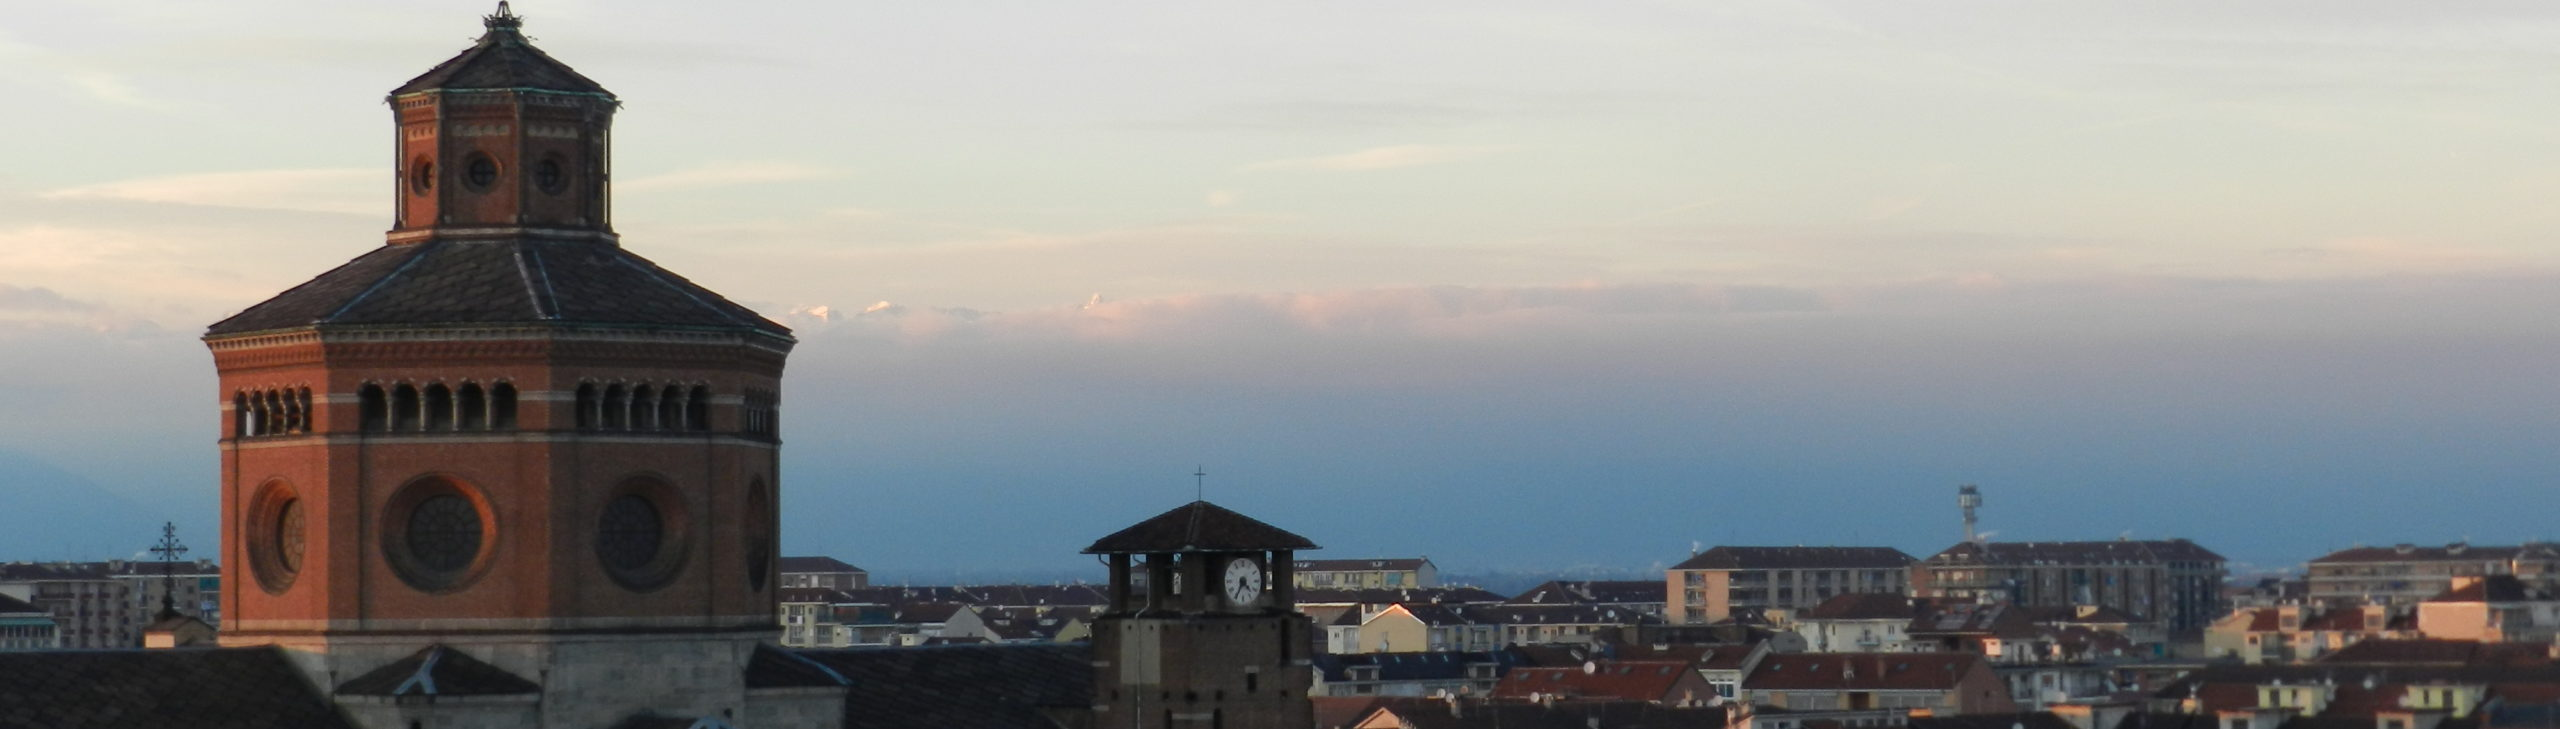 Nostra Signora della Salute – Torino